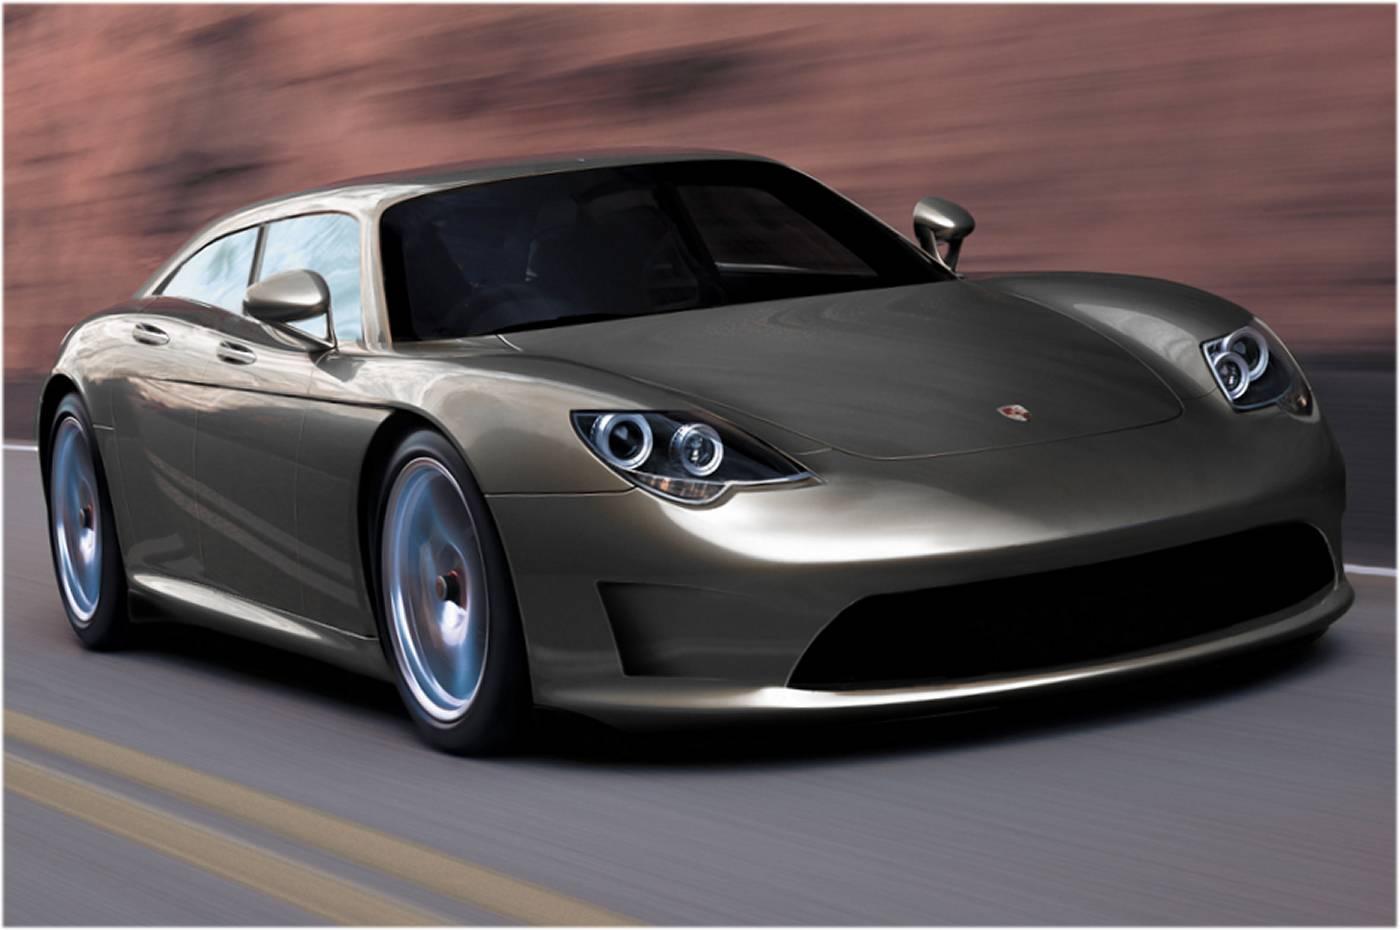 Porsche lève enfin le voile sur la Panamera, une grande routière à moteur avant qui se déclinera aus...